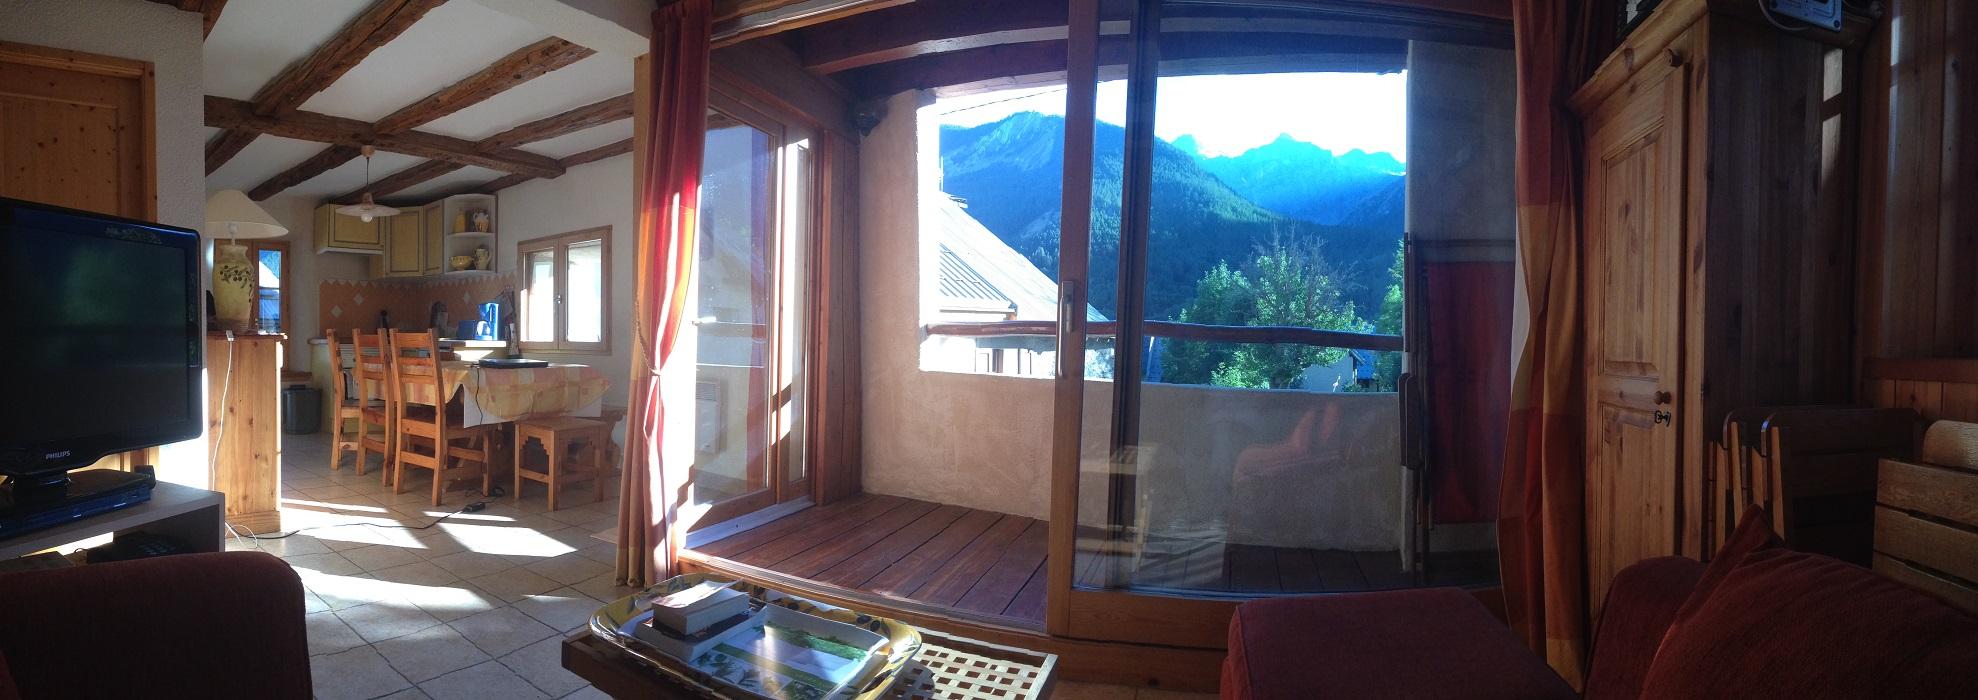 location serrechevalier 1500 appartement avec terrasse la montagnole vue panoramique meublé